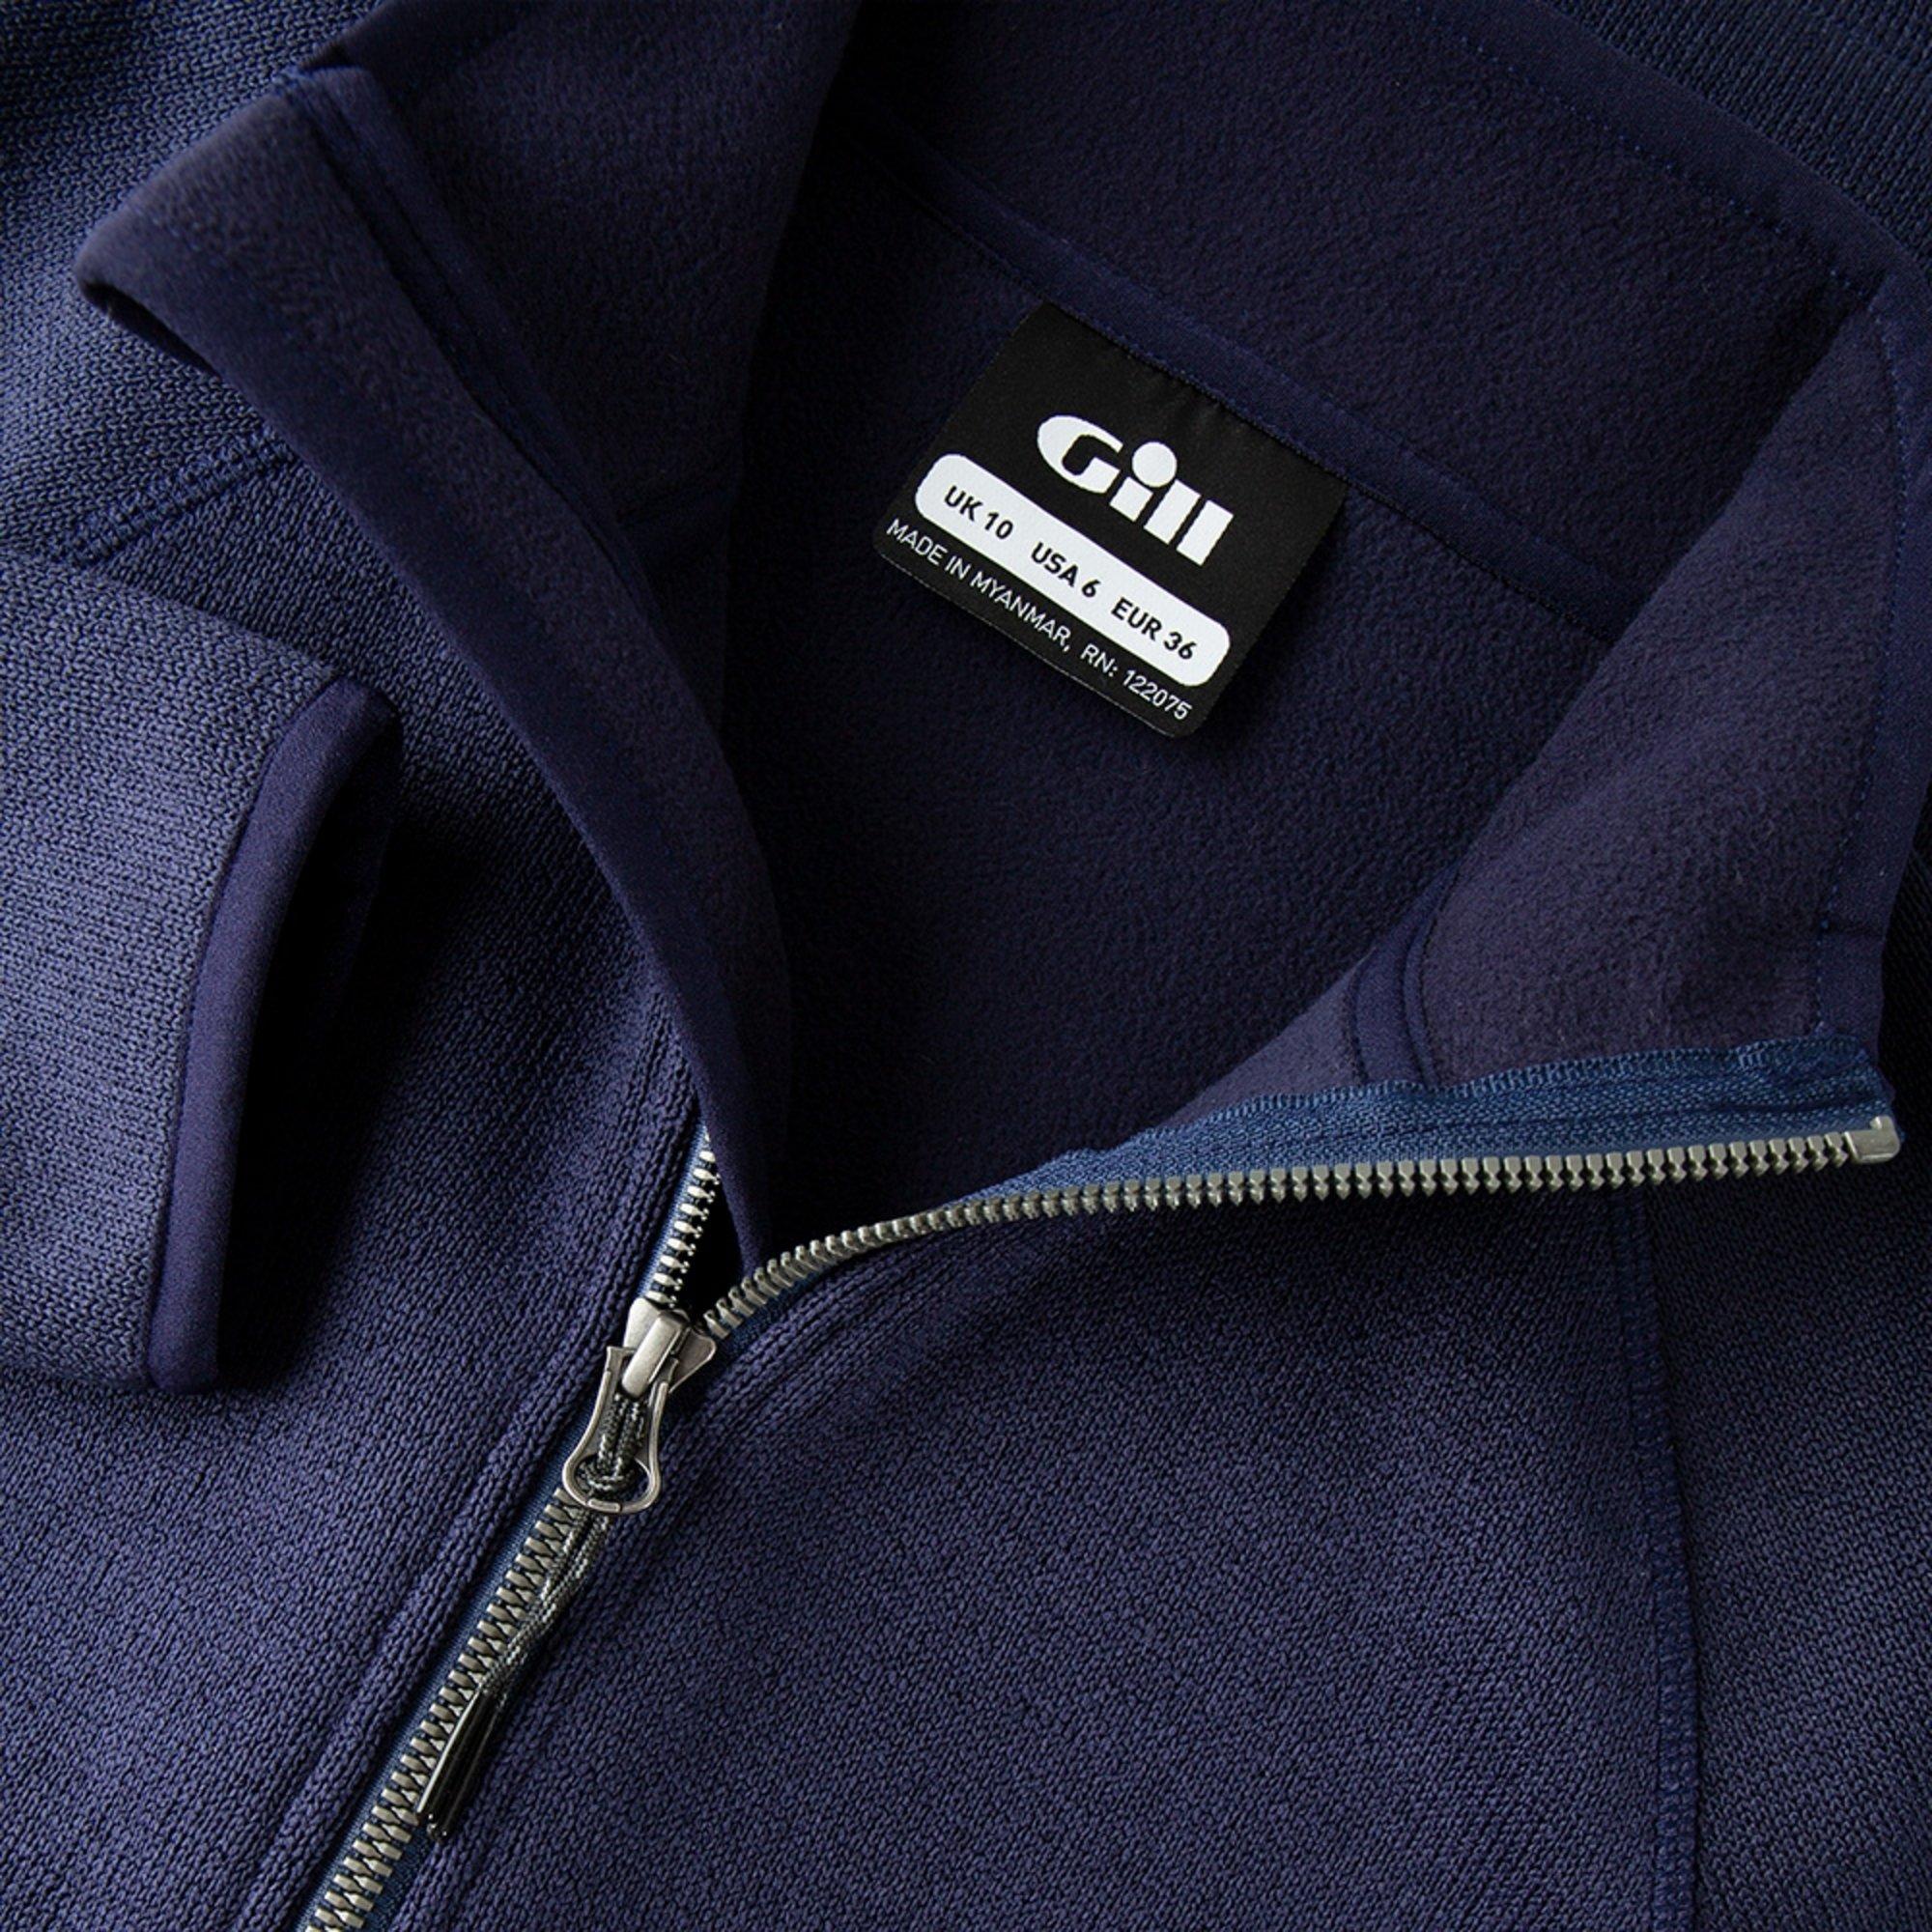 Women's Knit Fleece Jacket - 1493W-NAV06-5.jpg